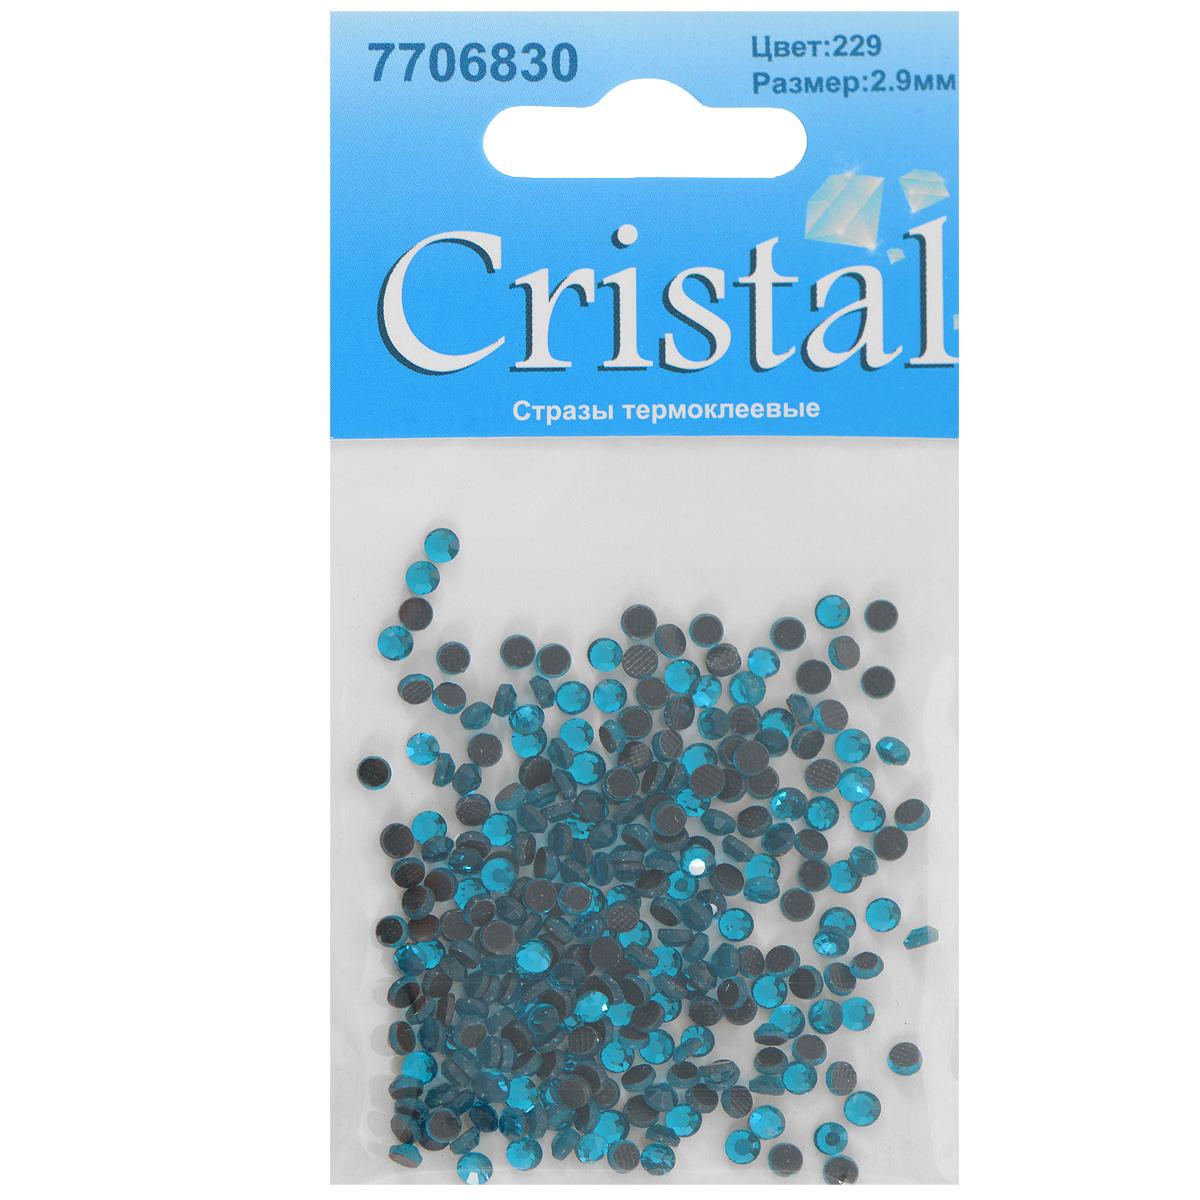 Стразы термоклеевые Cristal, цвет: бирюзовый (229), диаметр 2,9 мм, 288 шт7706830_229Набор термоклеевых страз Cristal, изготовленный из высококачественного акрила, позволит вам украсить одежду, аксессуары или текстиль. Яркие стразы имеют плоское дно и круглую поверхность с гранями.Дно термоклеевых страз уже обработано особым клеем, который под воздействием высоких температур начинает плавиться, приклеиваясь, таким образом, к требуемой поверхности. Чаще всего их используют в текстильной промышленности: стразы прикладывают к ткани и проглаживают утюгом с обратной стороны. Также можно использовать специальный паяльник. Украшение стразами поможет сделать любую вещь оригинальной и неповторимой. Диаметр страз: 2,9 мм.